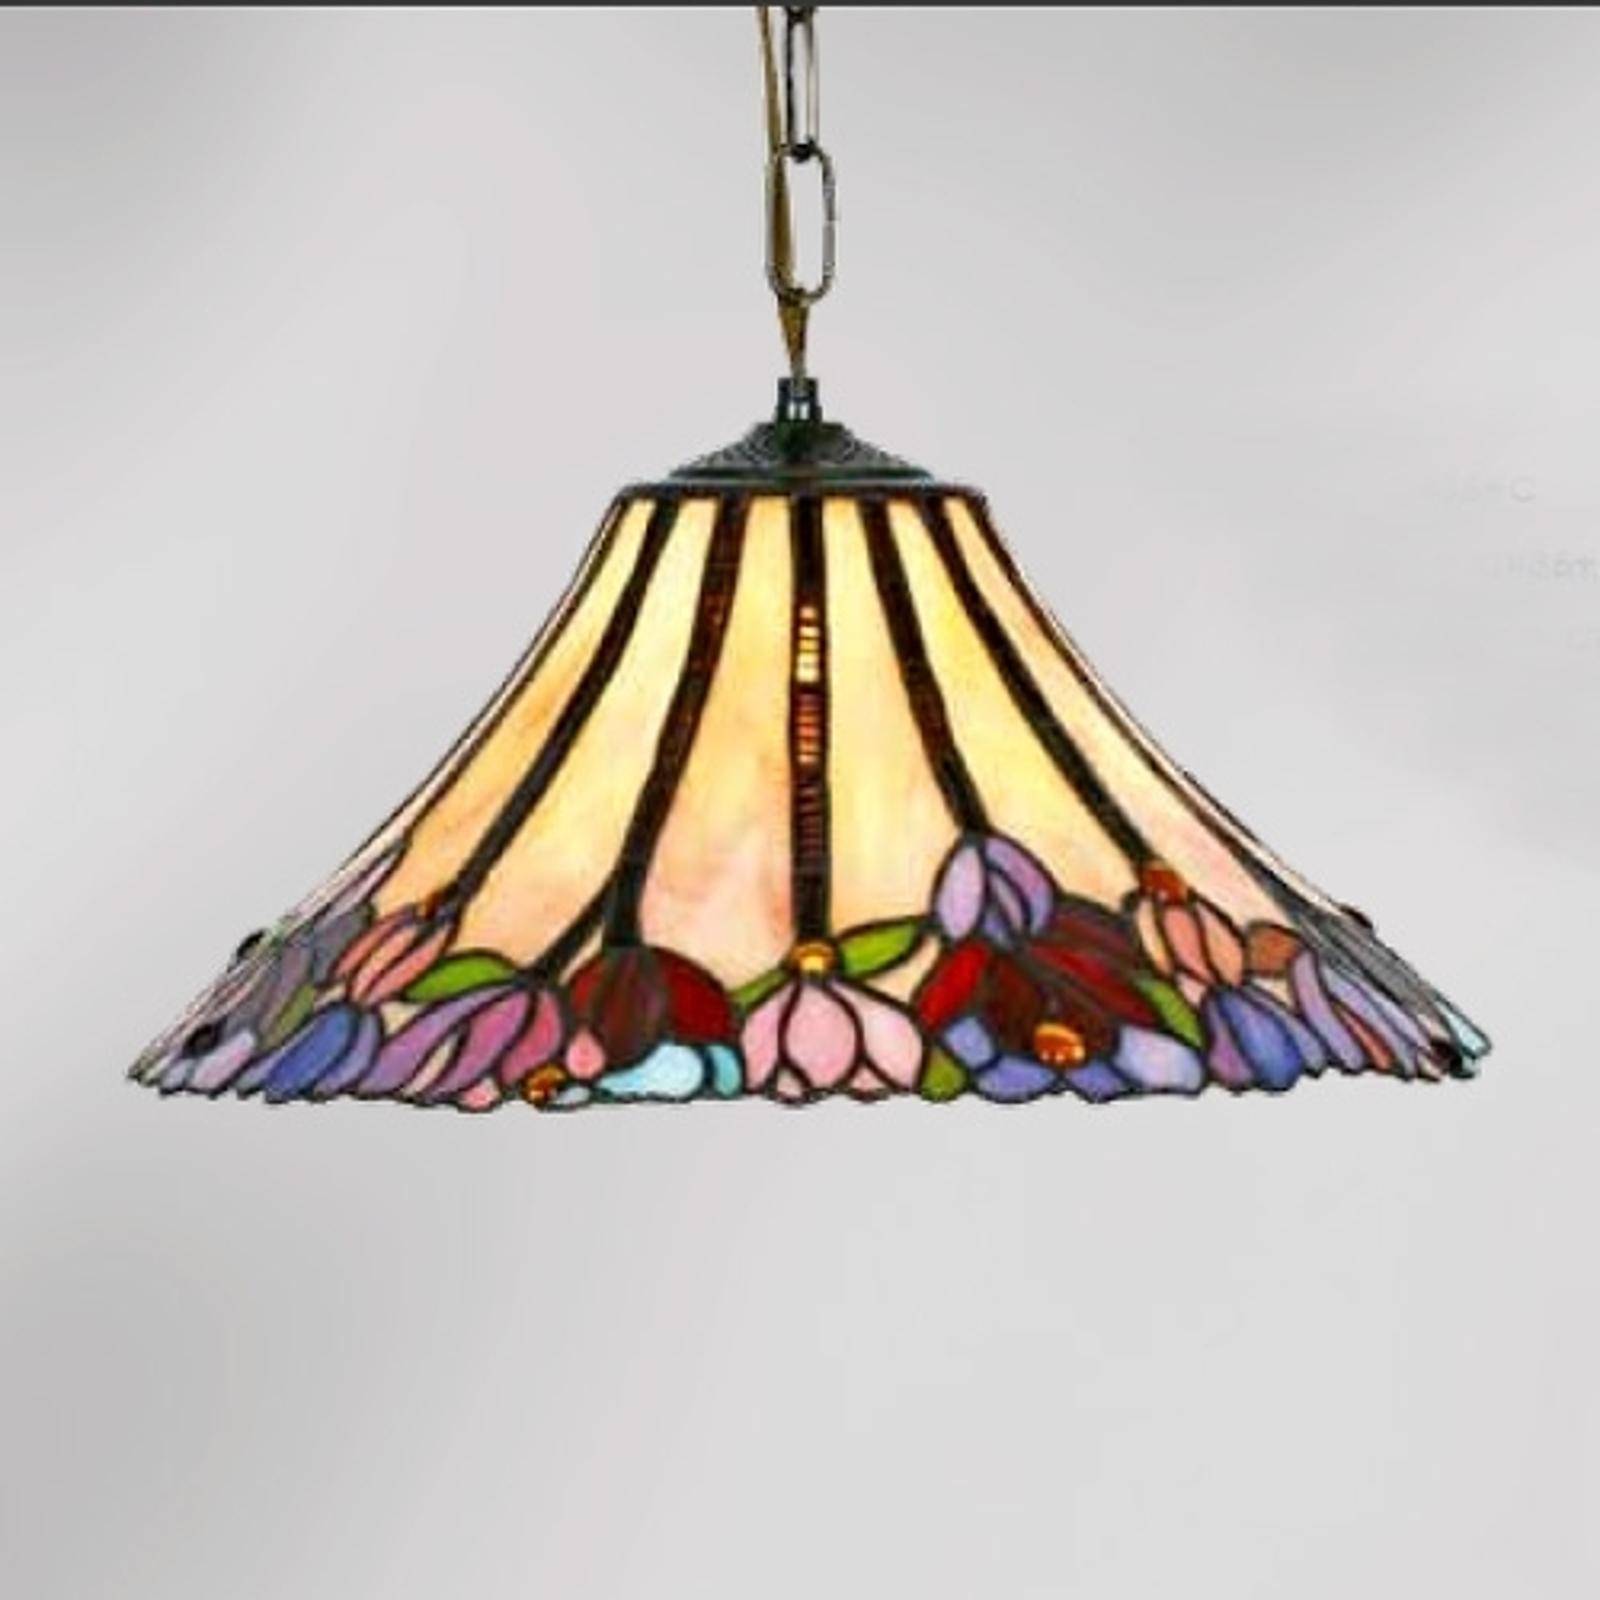 Závesná lampa Tori_1032257_1